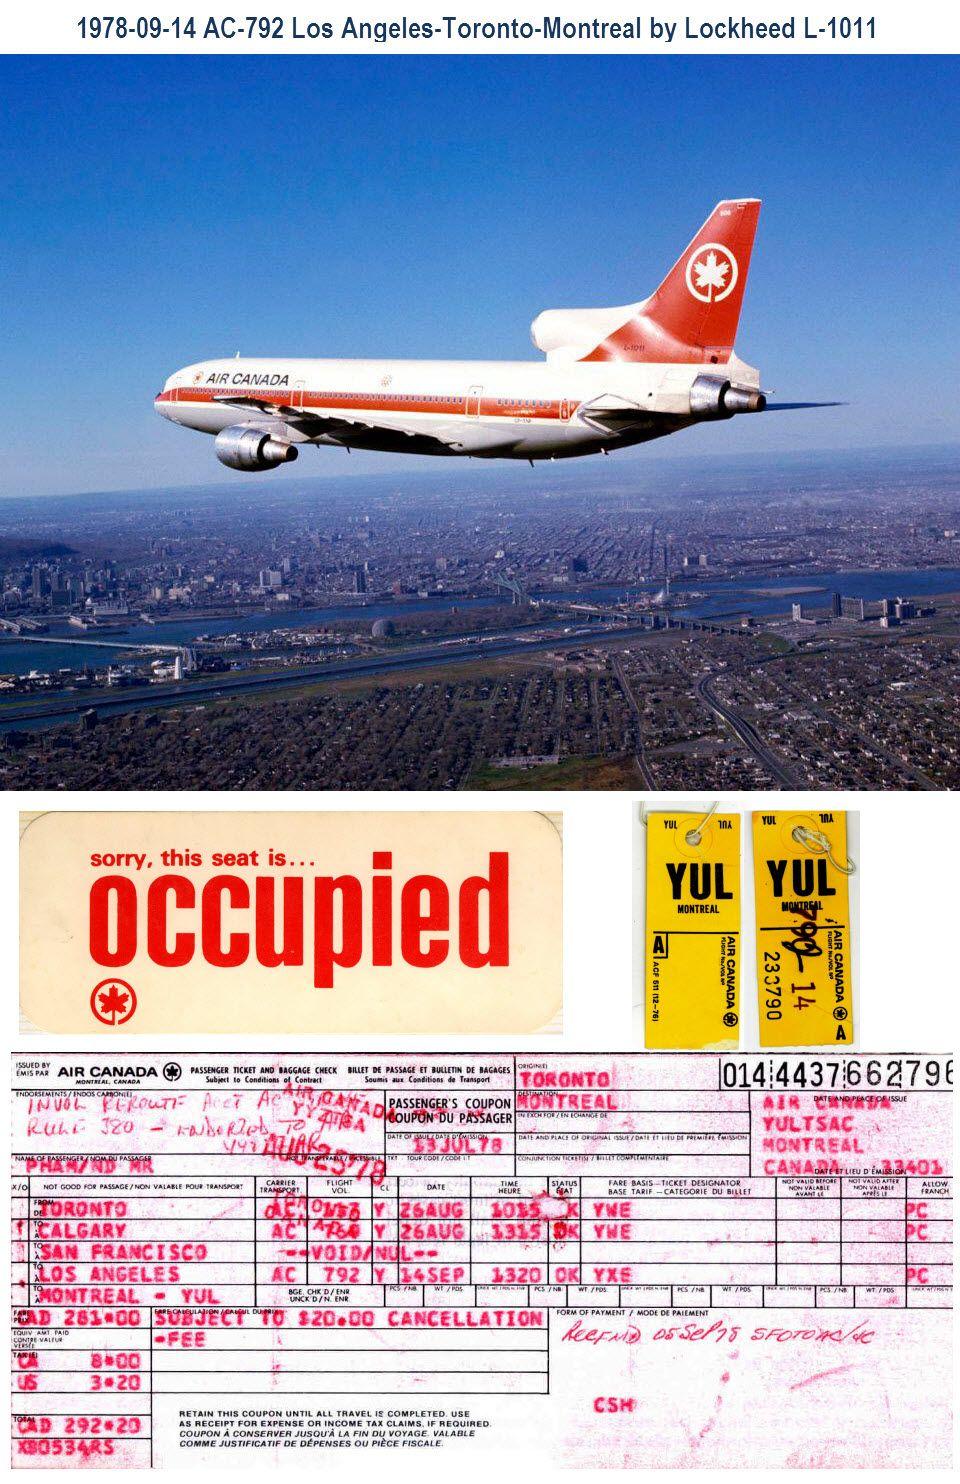 19780914 Air Canada flight AC792 Los Angeles LAX